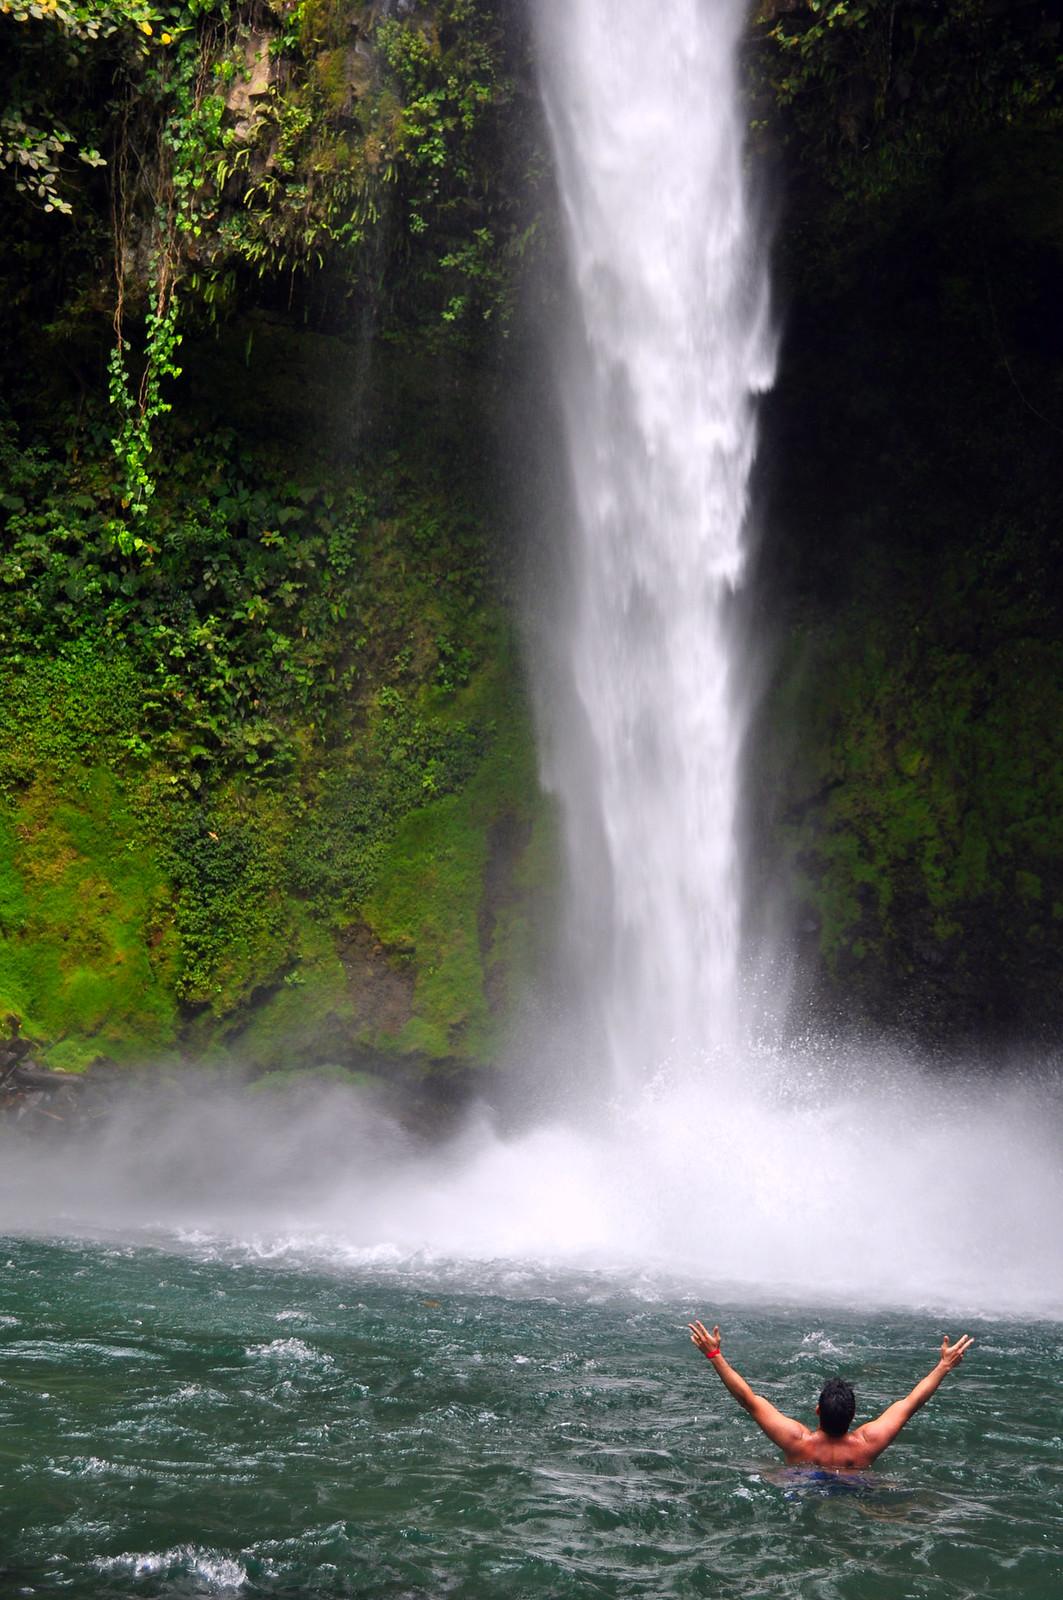 Viajar a Costa Rica / Ruta por Costa Rica en 3 semanas ruta por costa rica - 37538083354 8c0720e28f h - Ruta por Costa Rica en 3 semanas